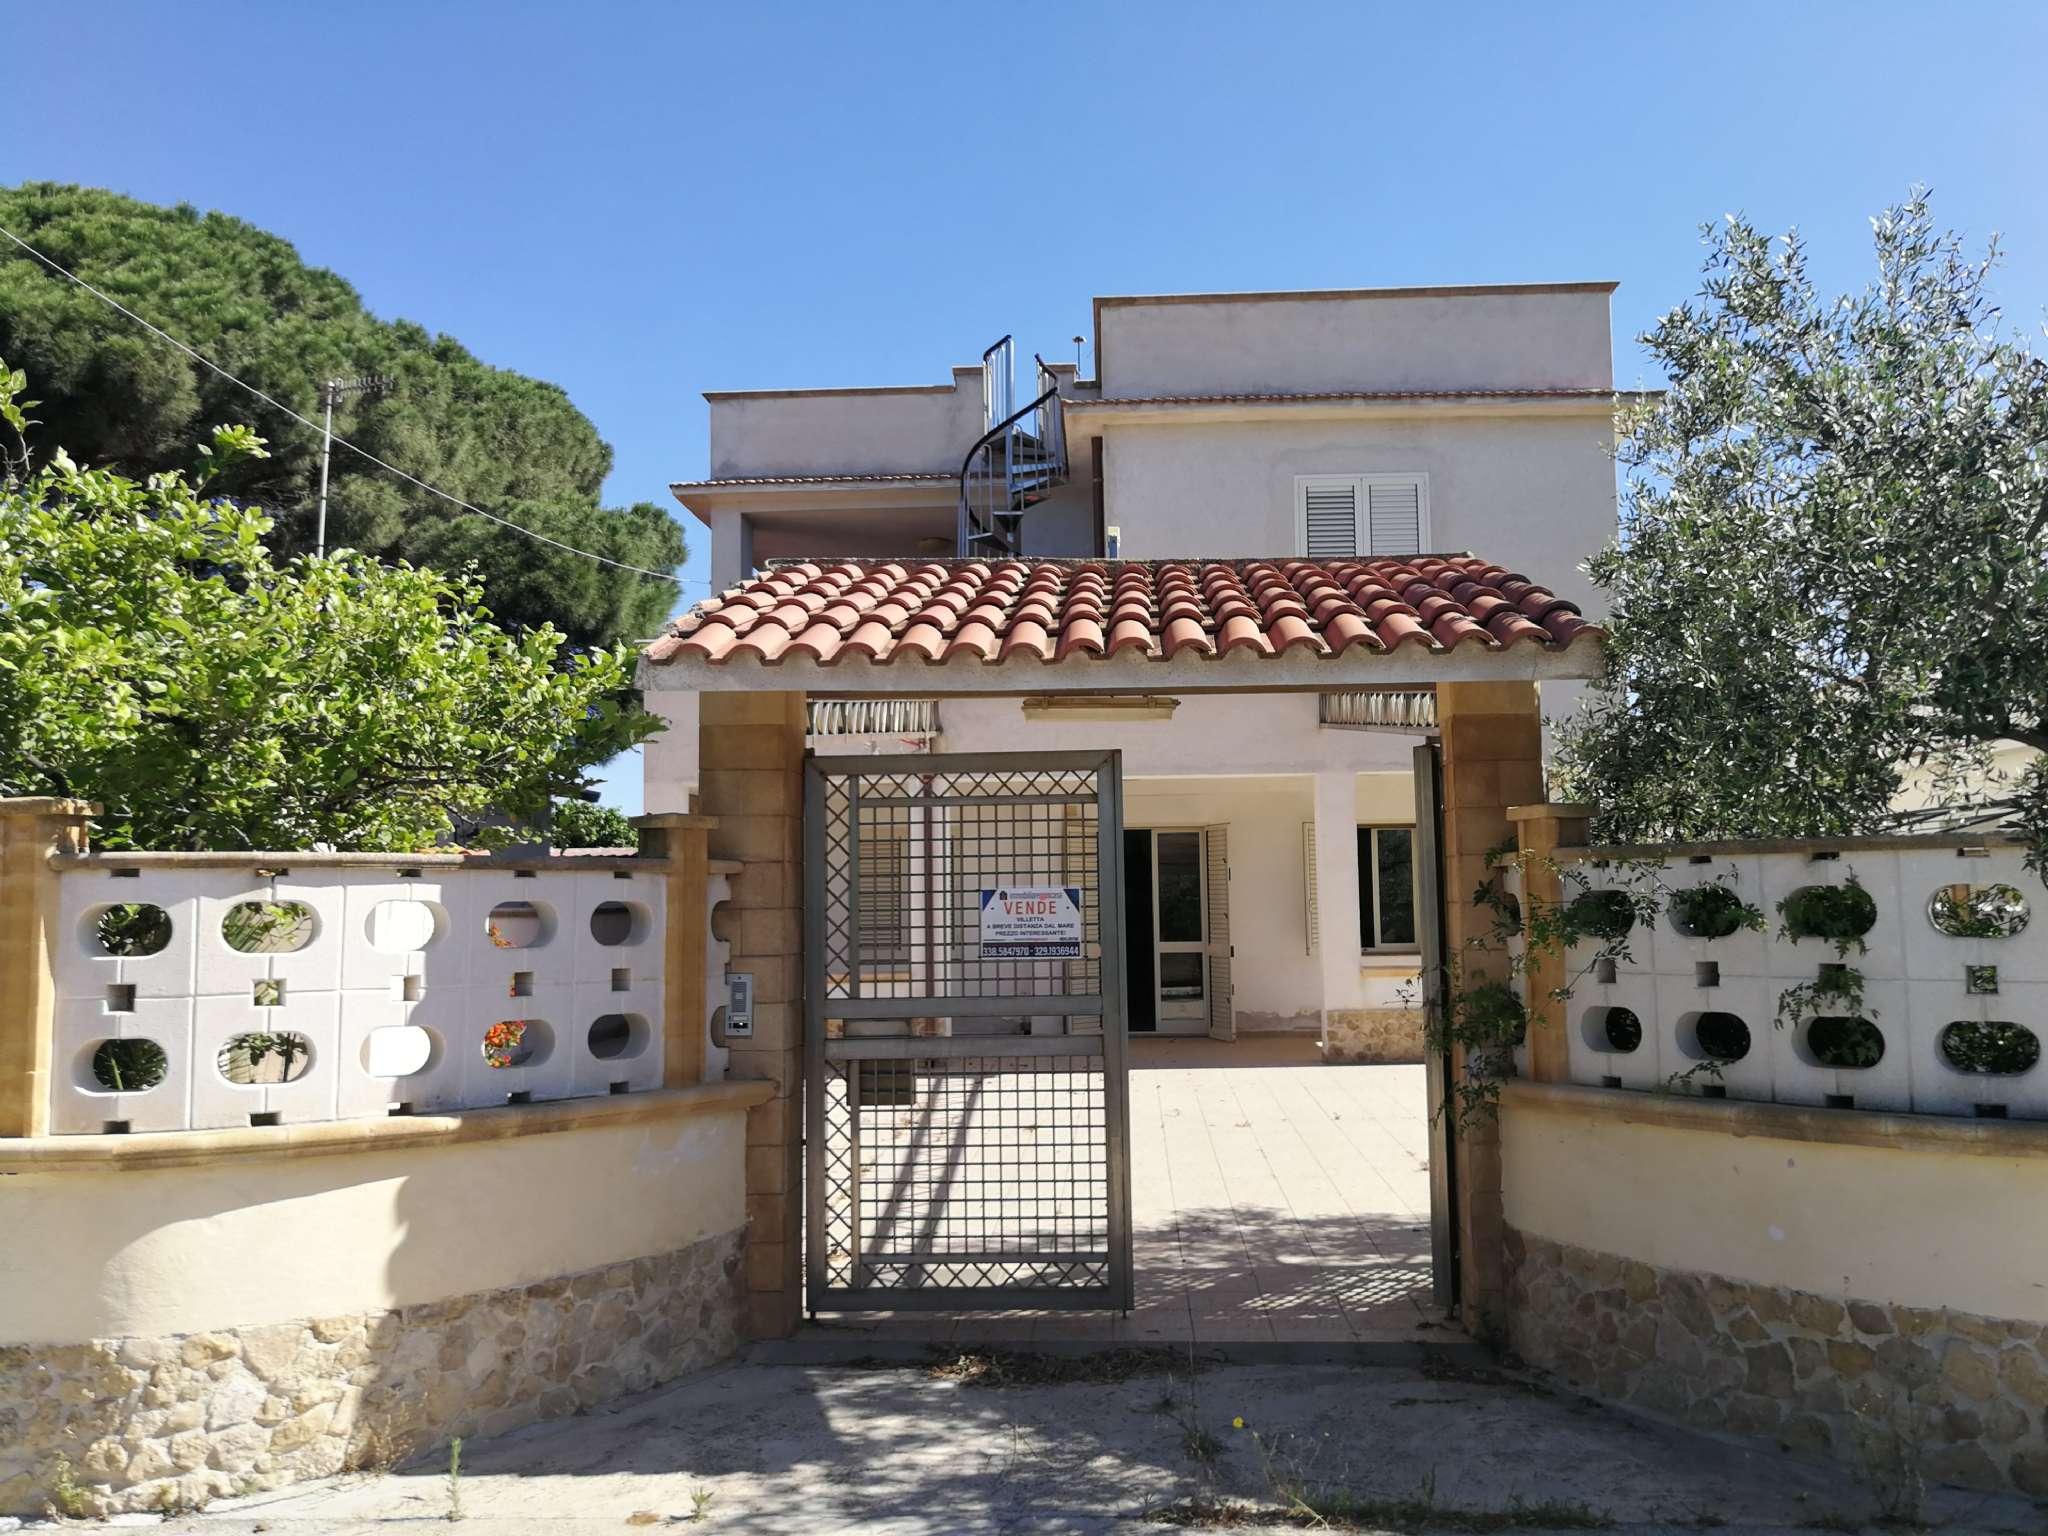 Villa in vendita a Castelvetrano, 6 locali, prezzo € 105.000   CambioCasa.it